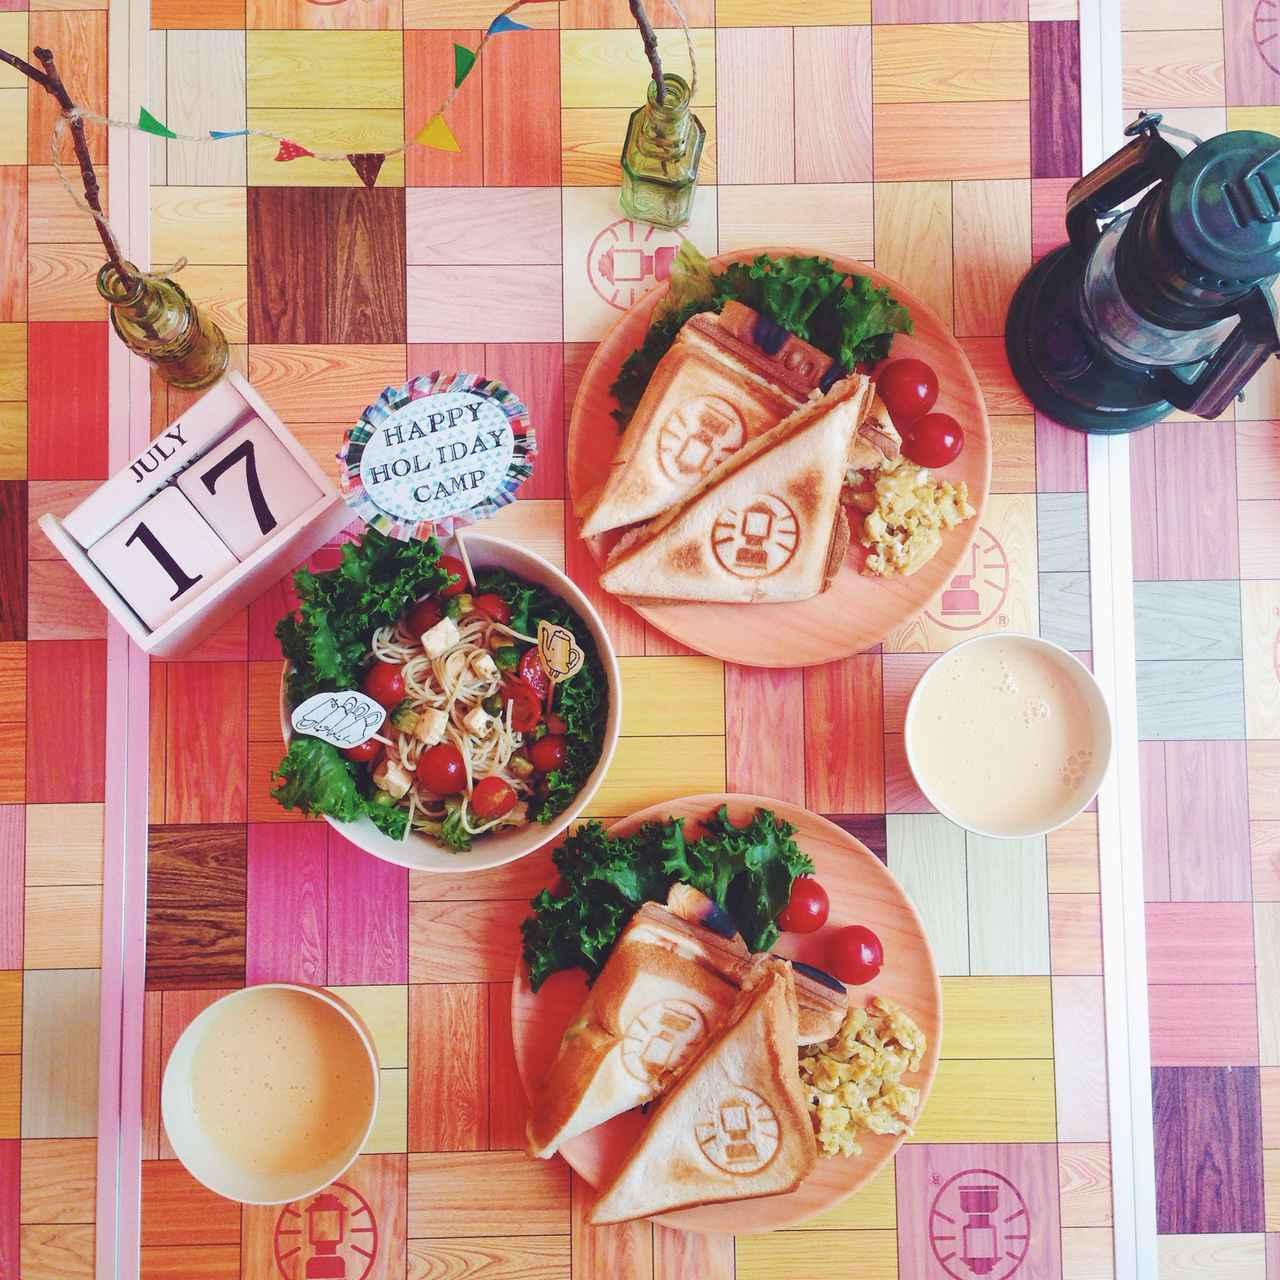 画像: 軽量・折りたたみ式アウトドアテーブル4選! ピクニック&デイキャンプにおすすめ - ハピキャン(HAPPY CAMPER)